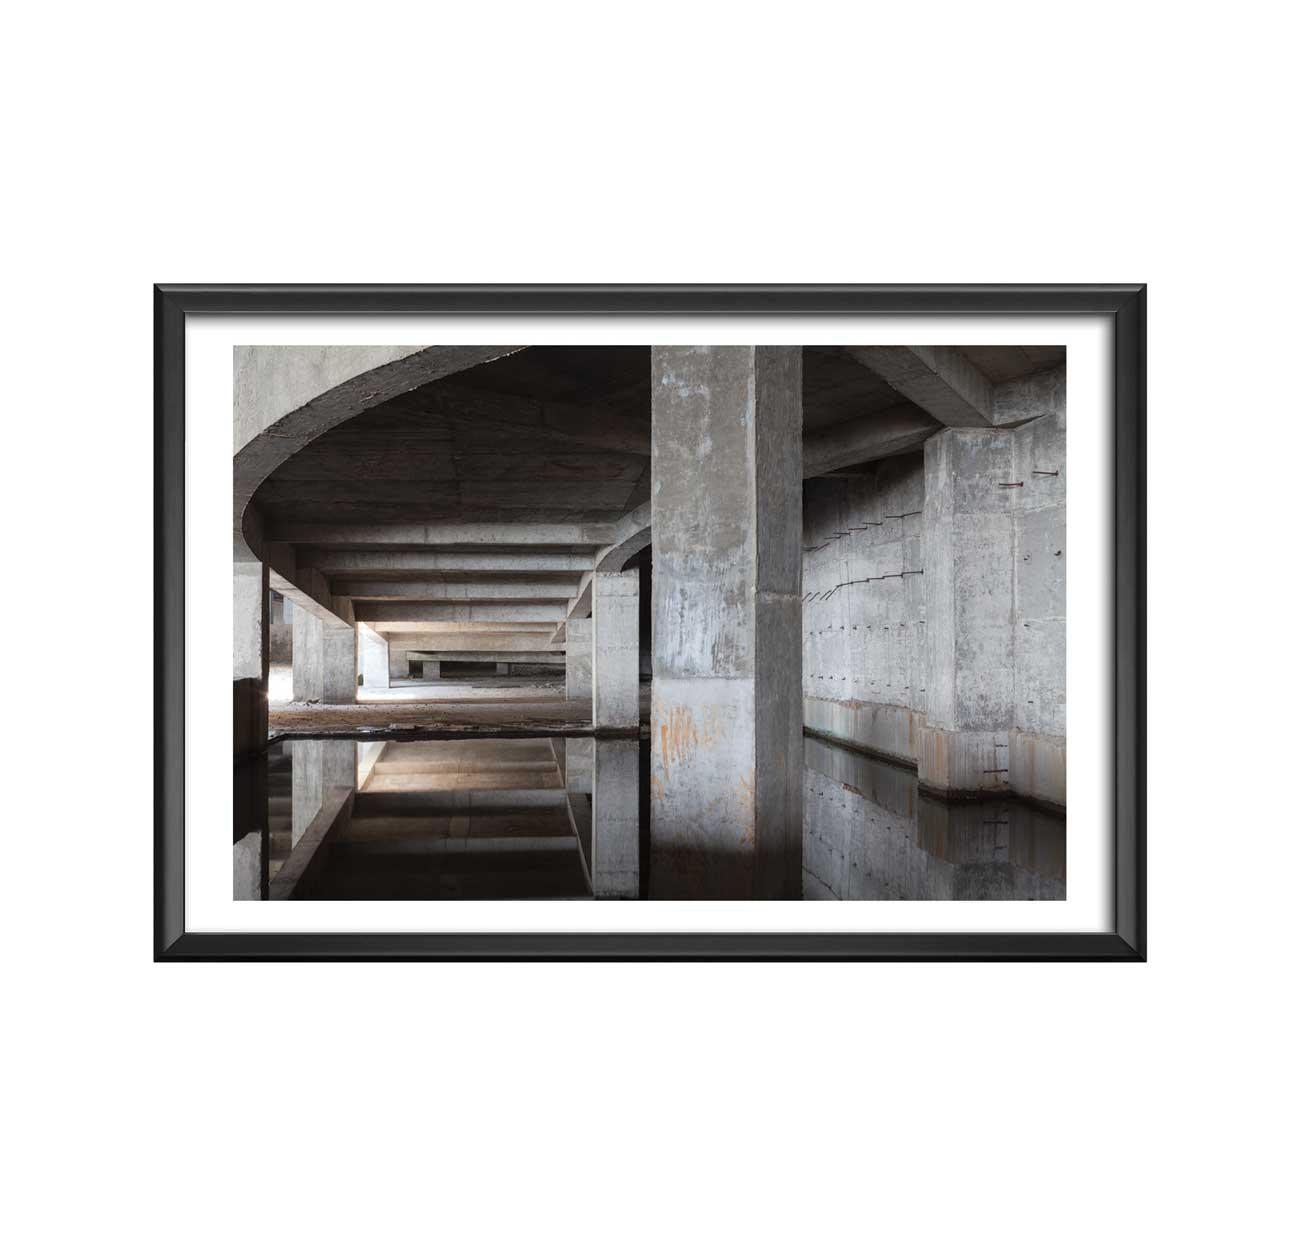 tirage limit xiamen 1 aur lie foussard photographie d 39 art contemporain pandorart. Black Bedroom Furniture Sets. Home Design Ideas